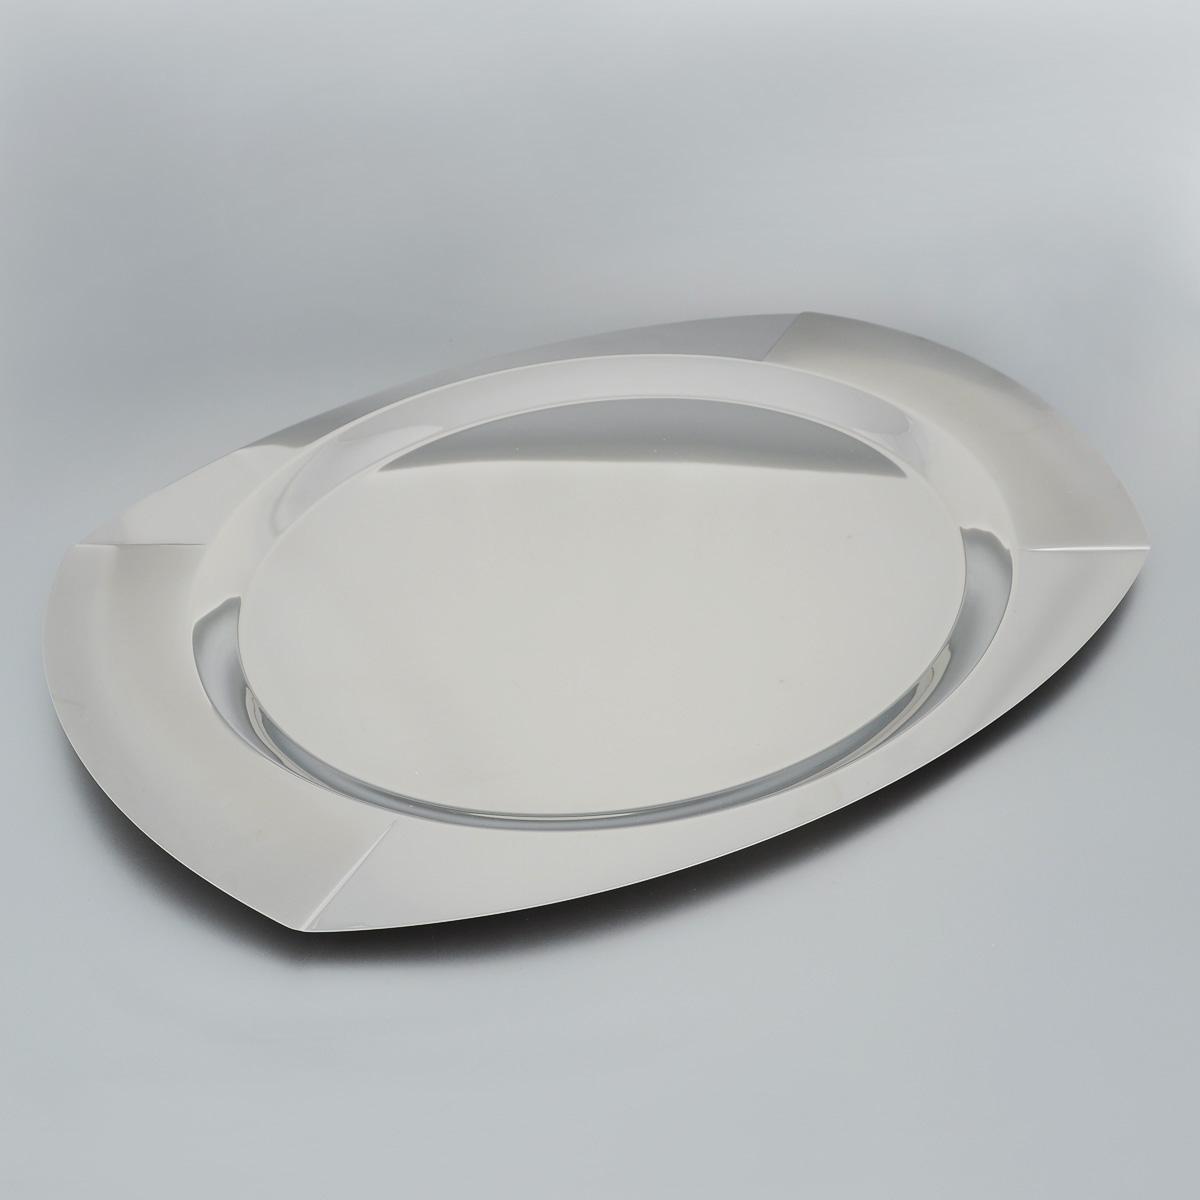 Поднос Tramontina Космос, 49,9 х 35 см61202/500-TRОвальный поднос Tramontina Космос изготовлен из нержавеющей стали с зеркальной полировкой. Поднос отлично подойдет для красивой подачи и сервировки различных блюд, закусок и фруктов на праздничном столе. Изящный дизайн подноса Tramontina Космос придется по вкусу и ценителям классики, и тем, кто предпочитает утонченность и изысканность. Современный стильный дизайн и функциональность позволят подносу занять достойное место на вашей кухне. Можно мыть в посудомоечной машине. Не используйте для чисти абразивные средства.